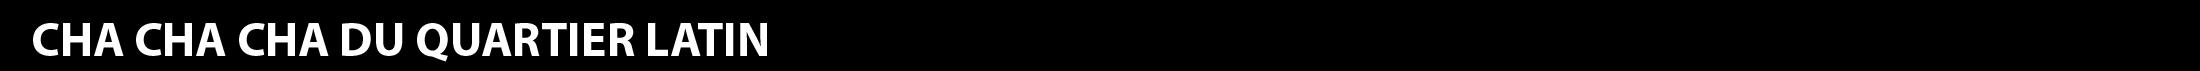 Titre3-01